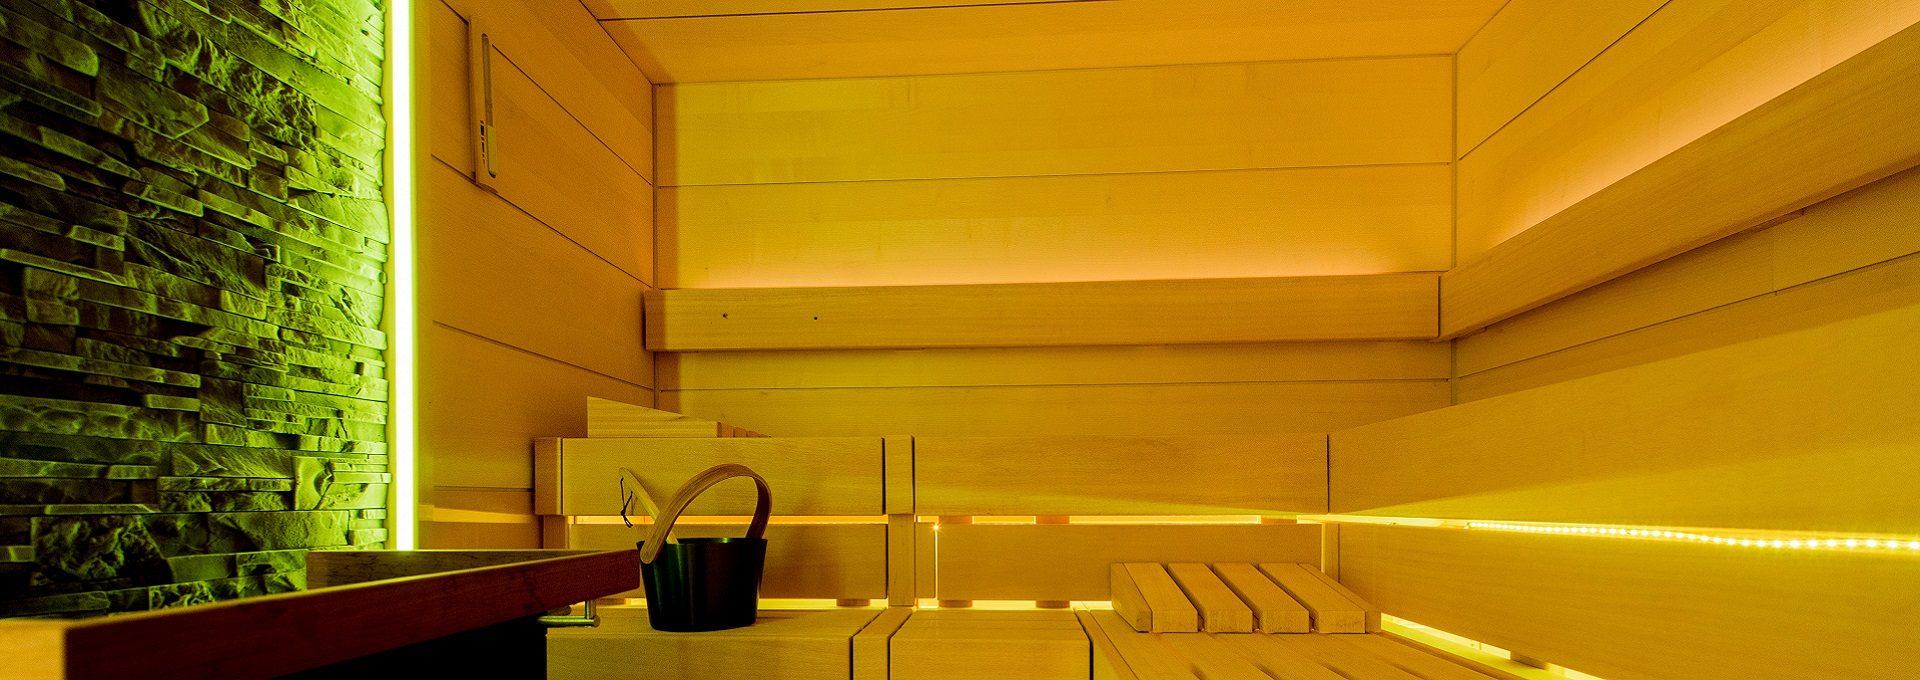 Aufnahme Sauna